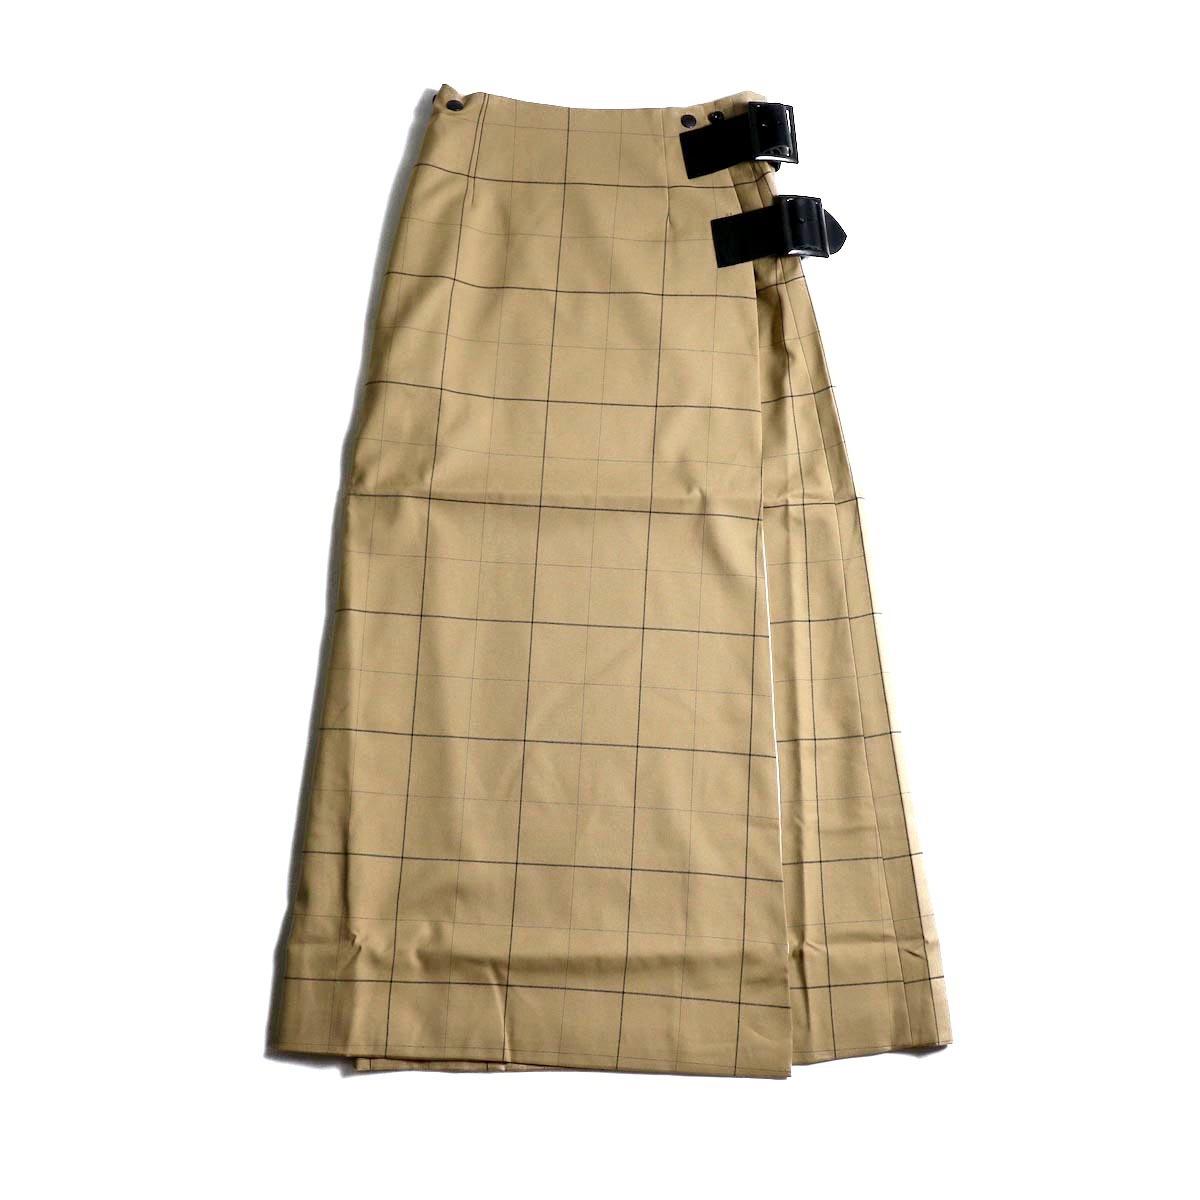 Needles / Wrap Skirt -WindowpaneNeedles / Wrap Skirt -Windowpane